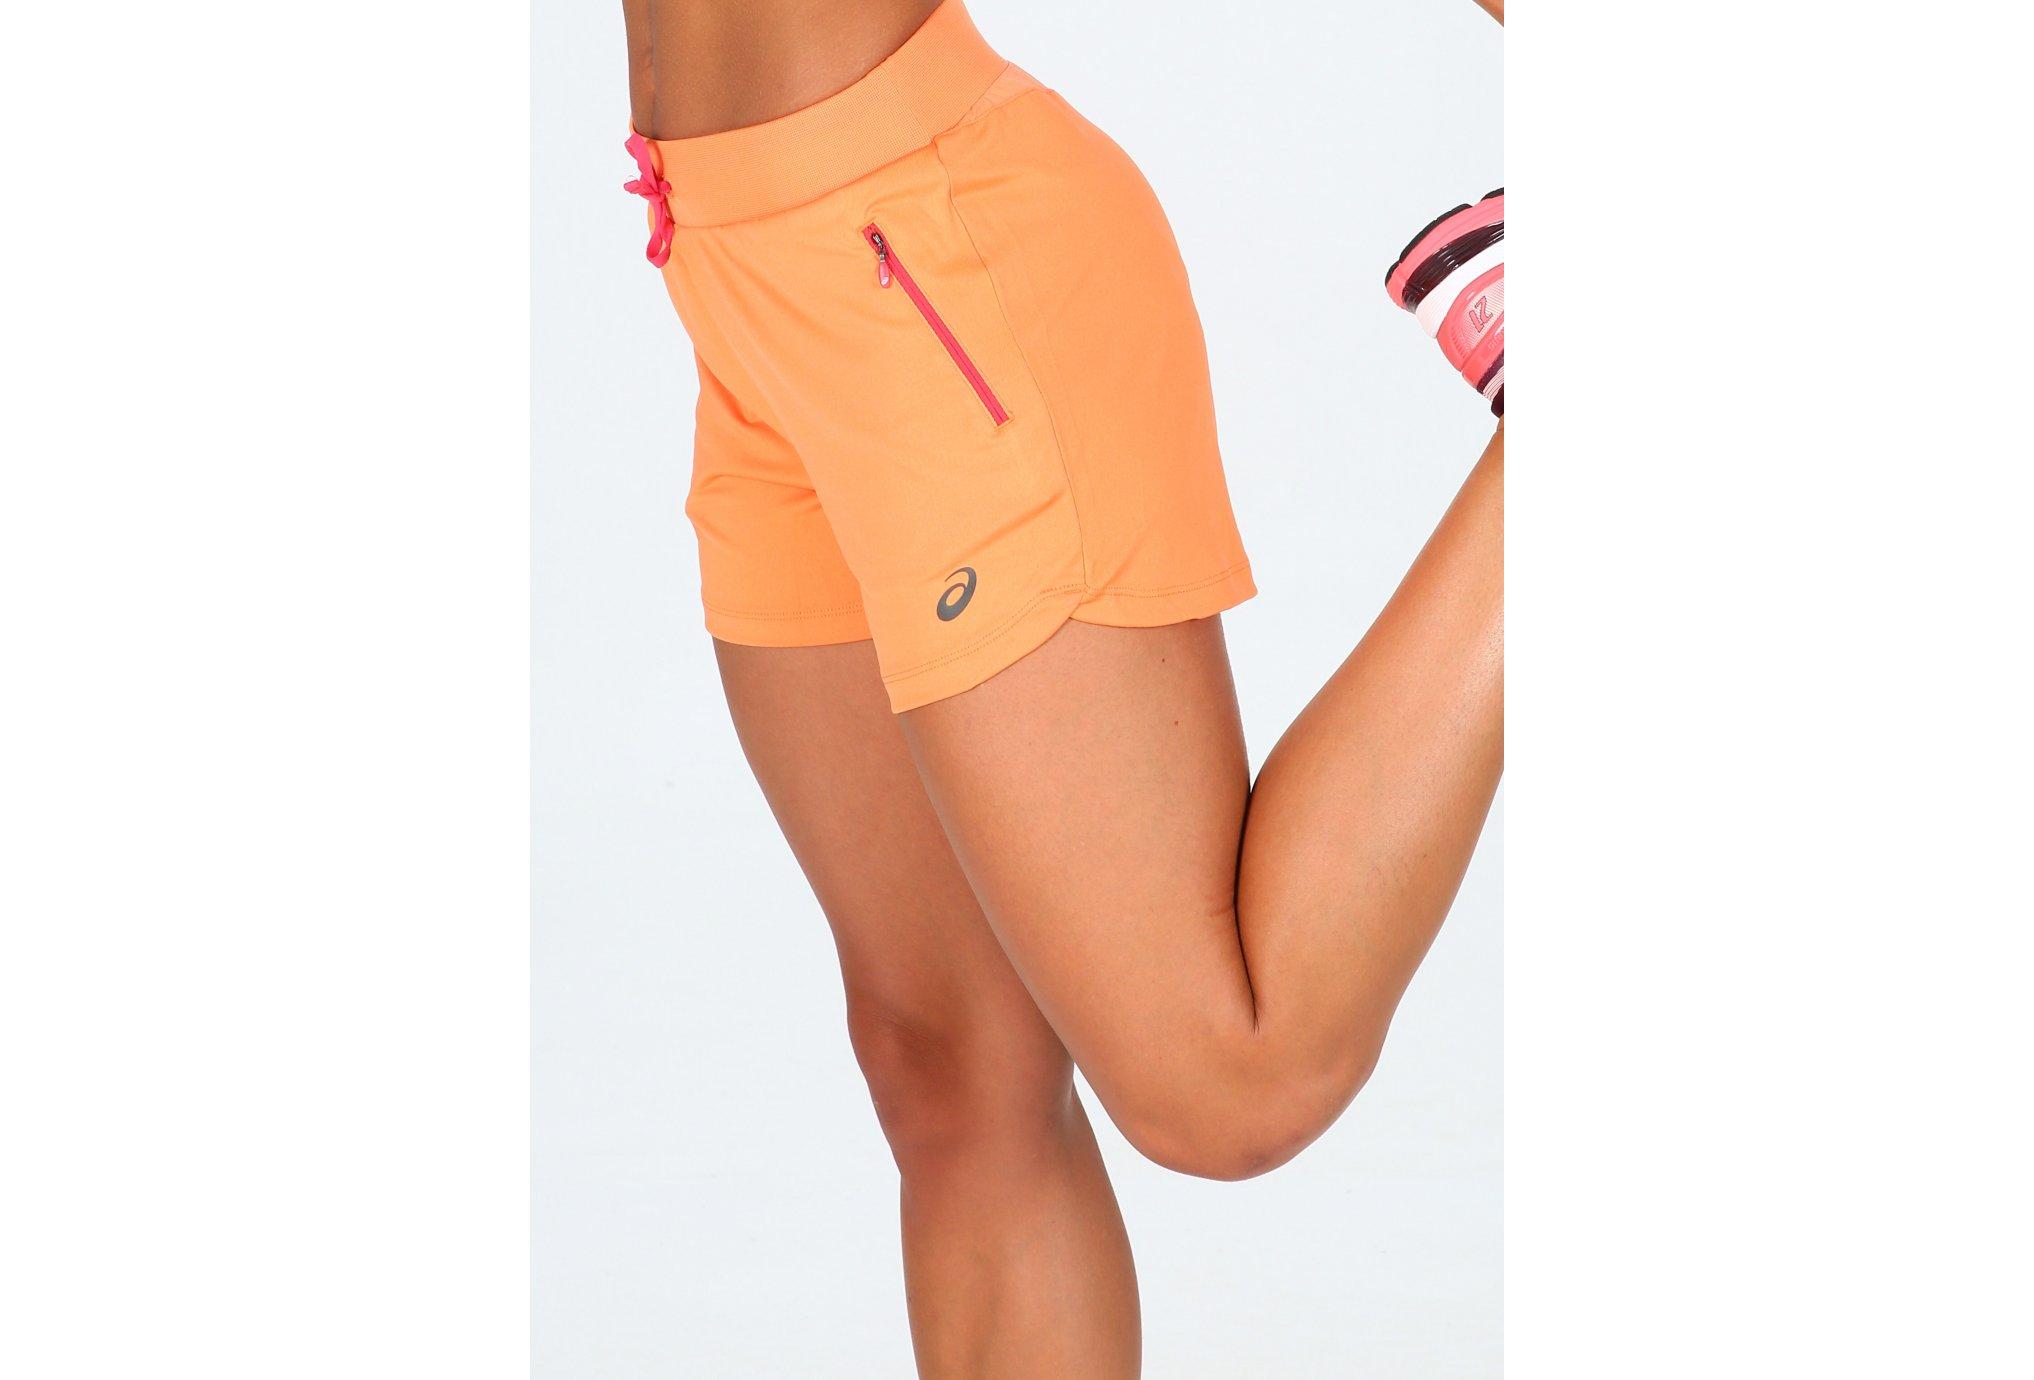 Asics Short FuzeX W Diététique Vêtements femme